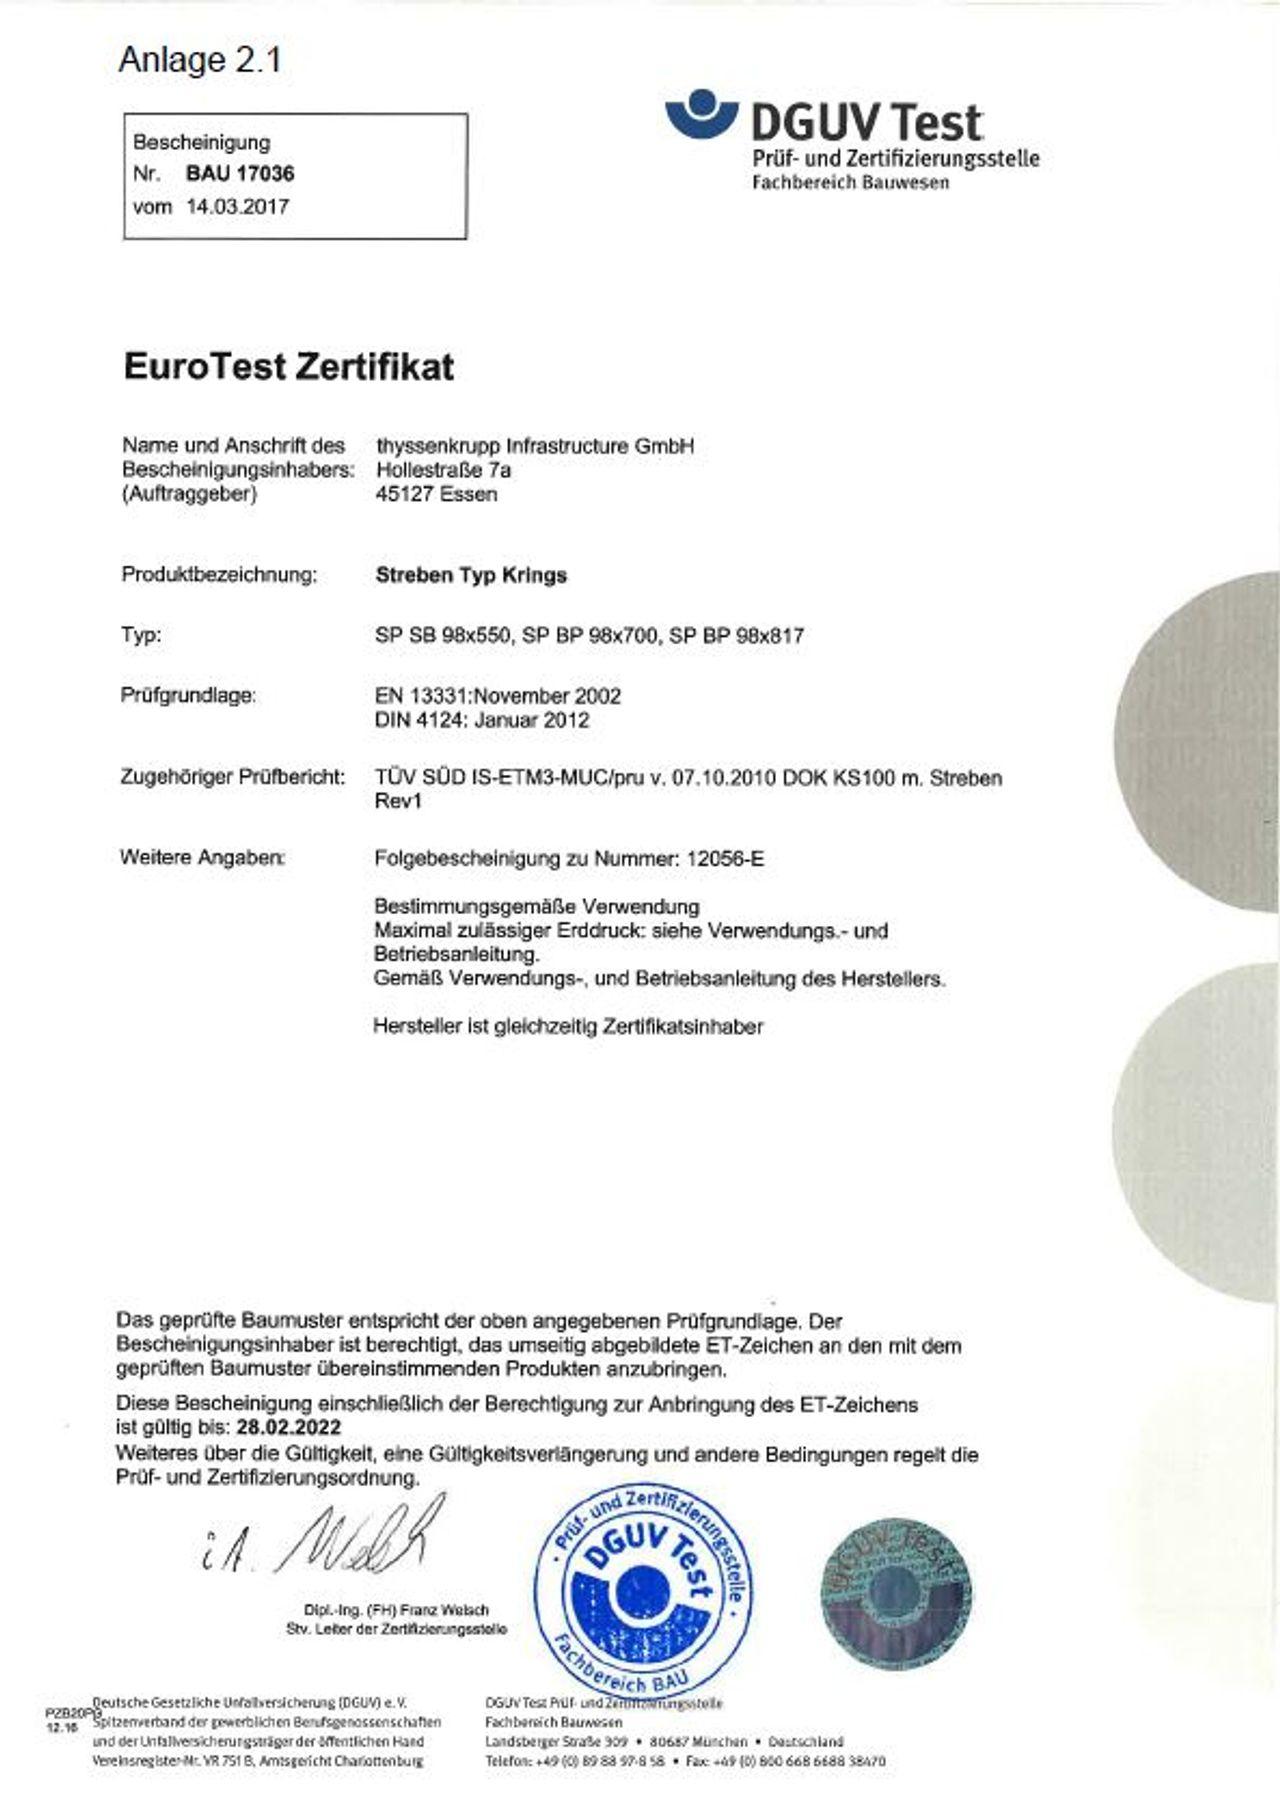 PDF Donwload Pruefbescheinigung krings Streben